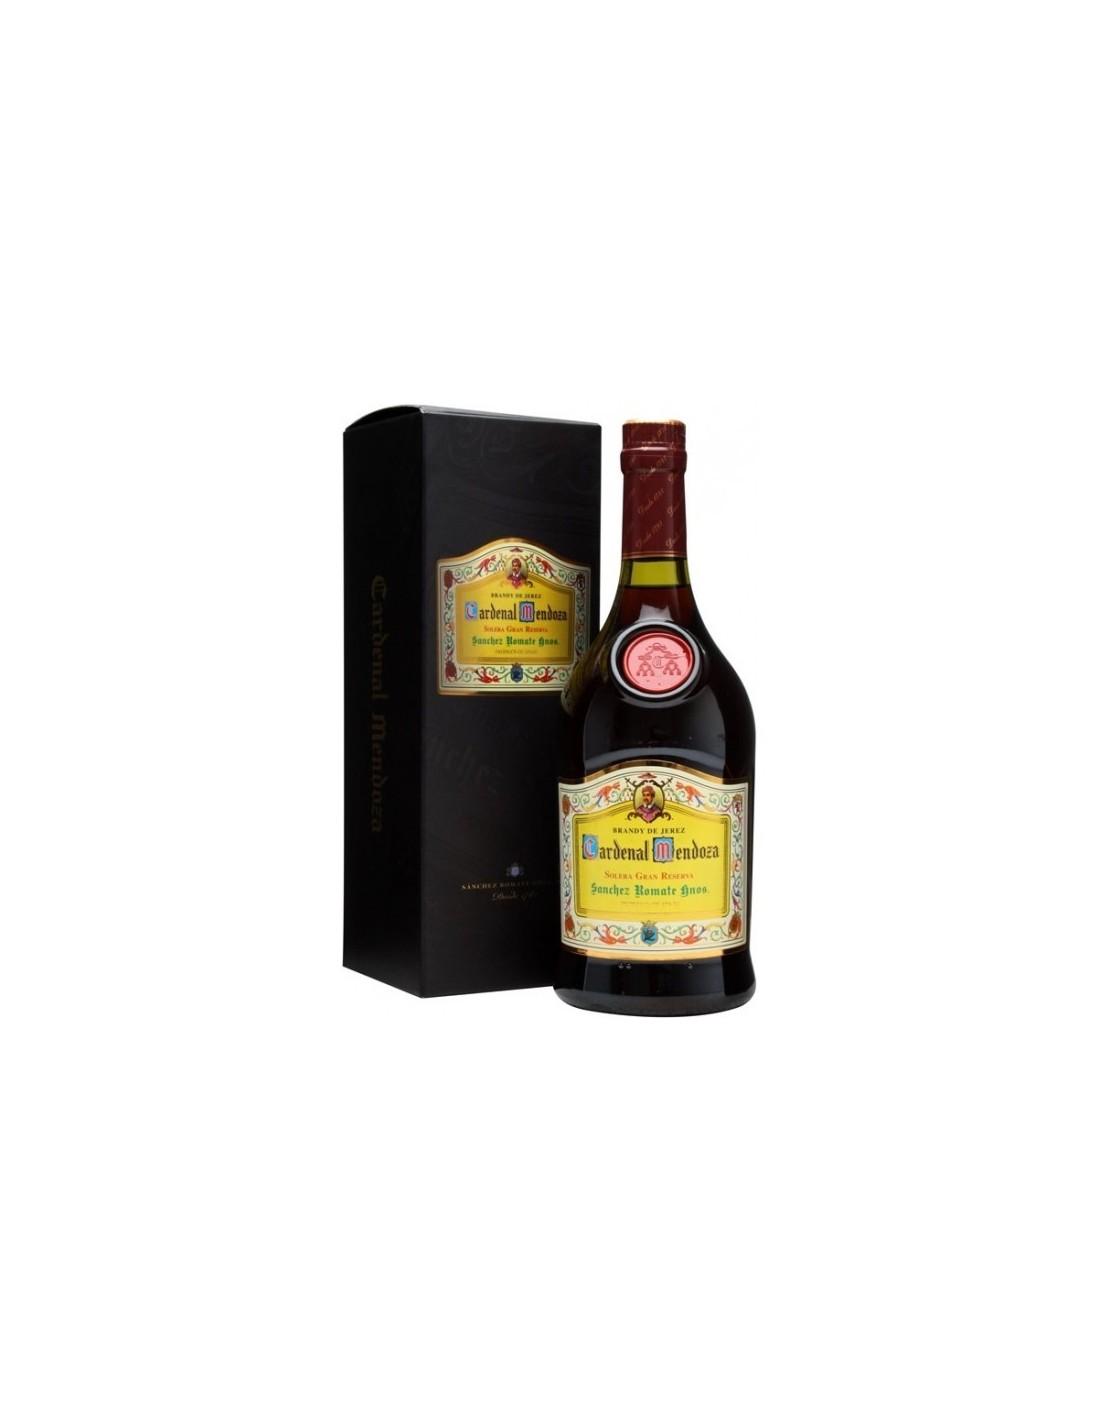 Coniac Brandy Cardenal Mendoza Solera Gran Reserva 40% alc., 0.7L, Spania